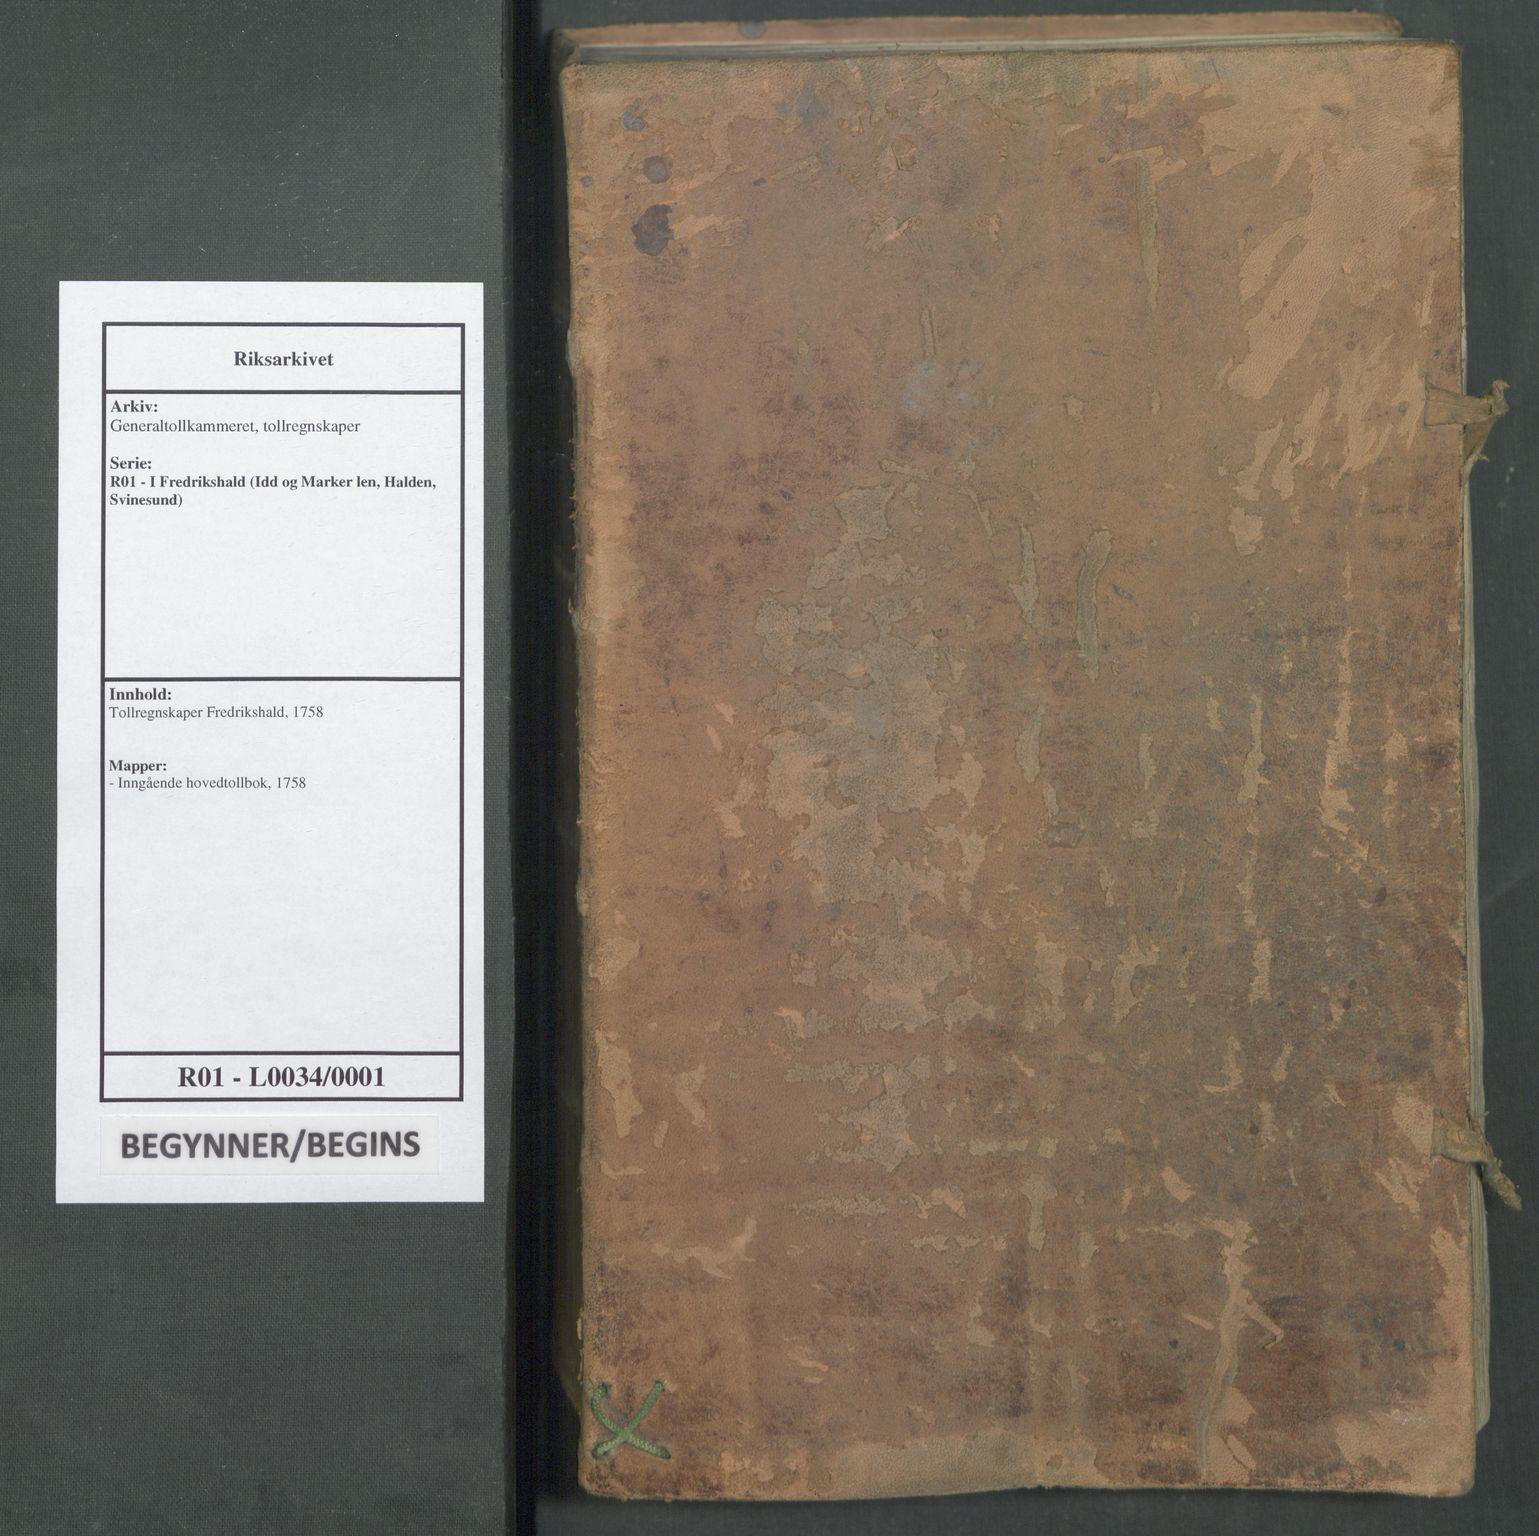 RA, Generaltollkammeret, tollregnskaper, R01/L0034: Tollregnskaper Fredrikshald, 1758